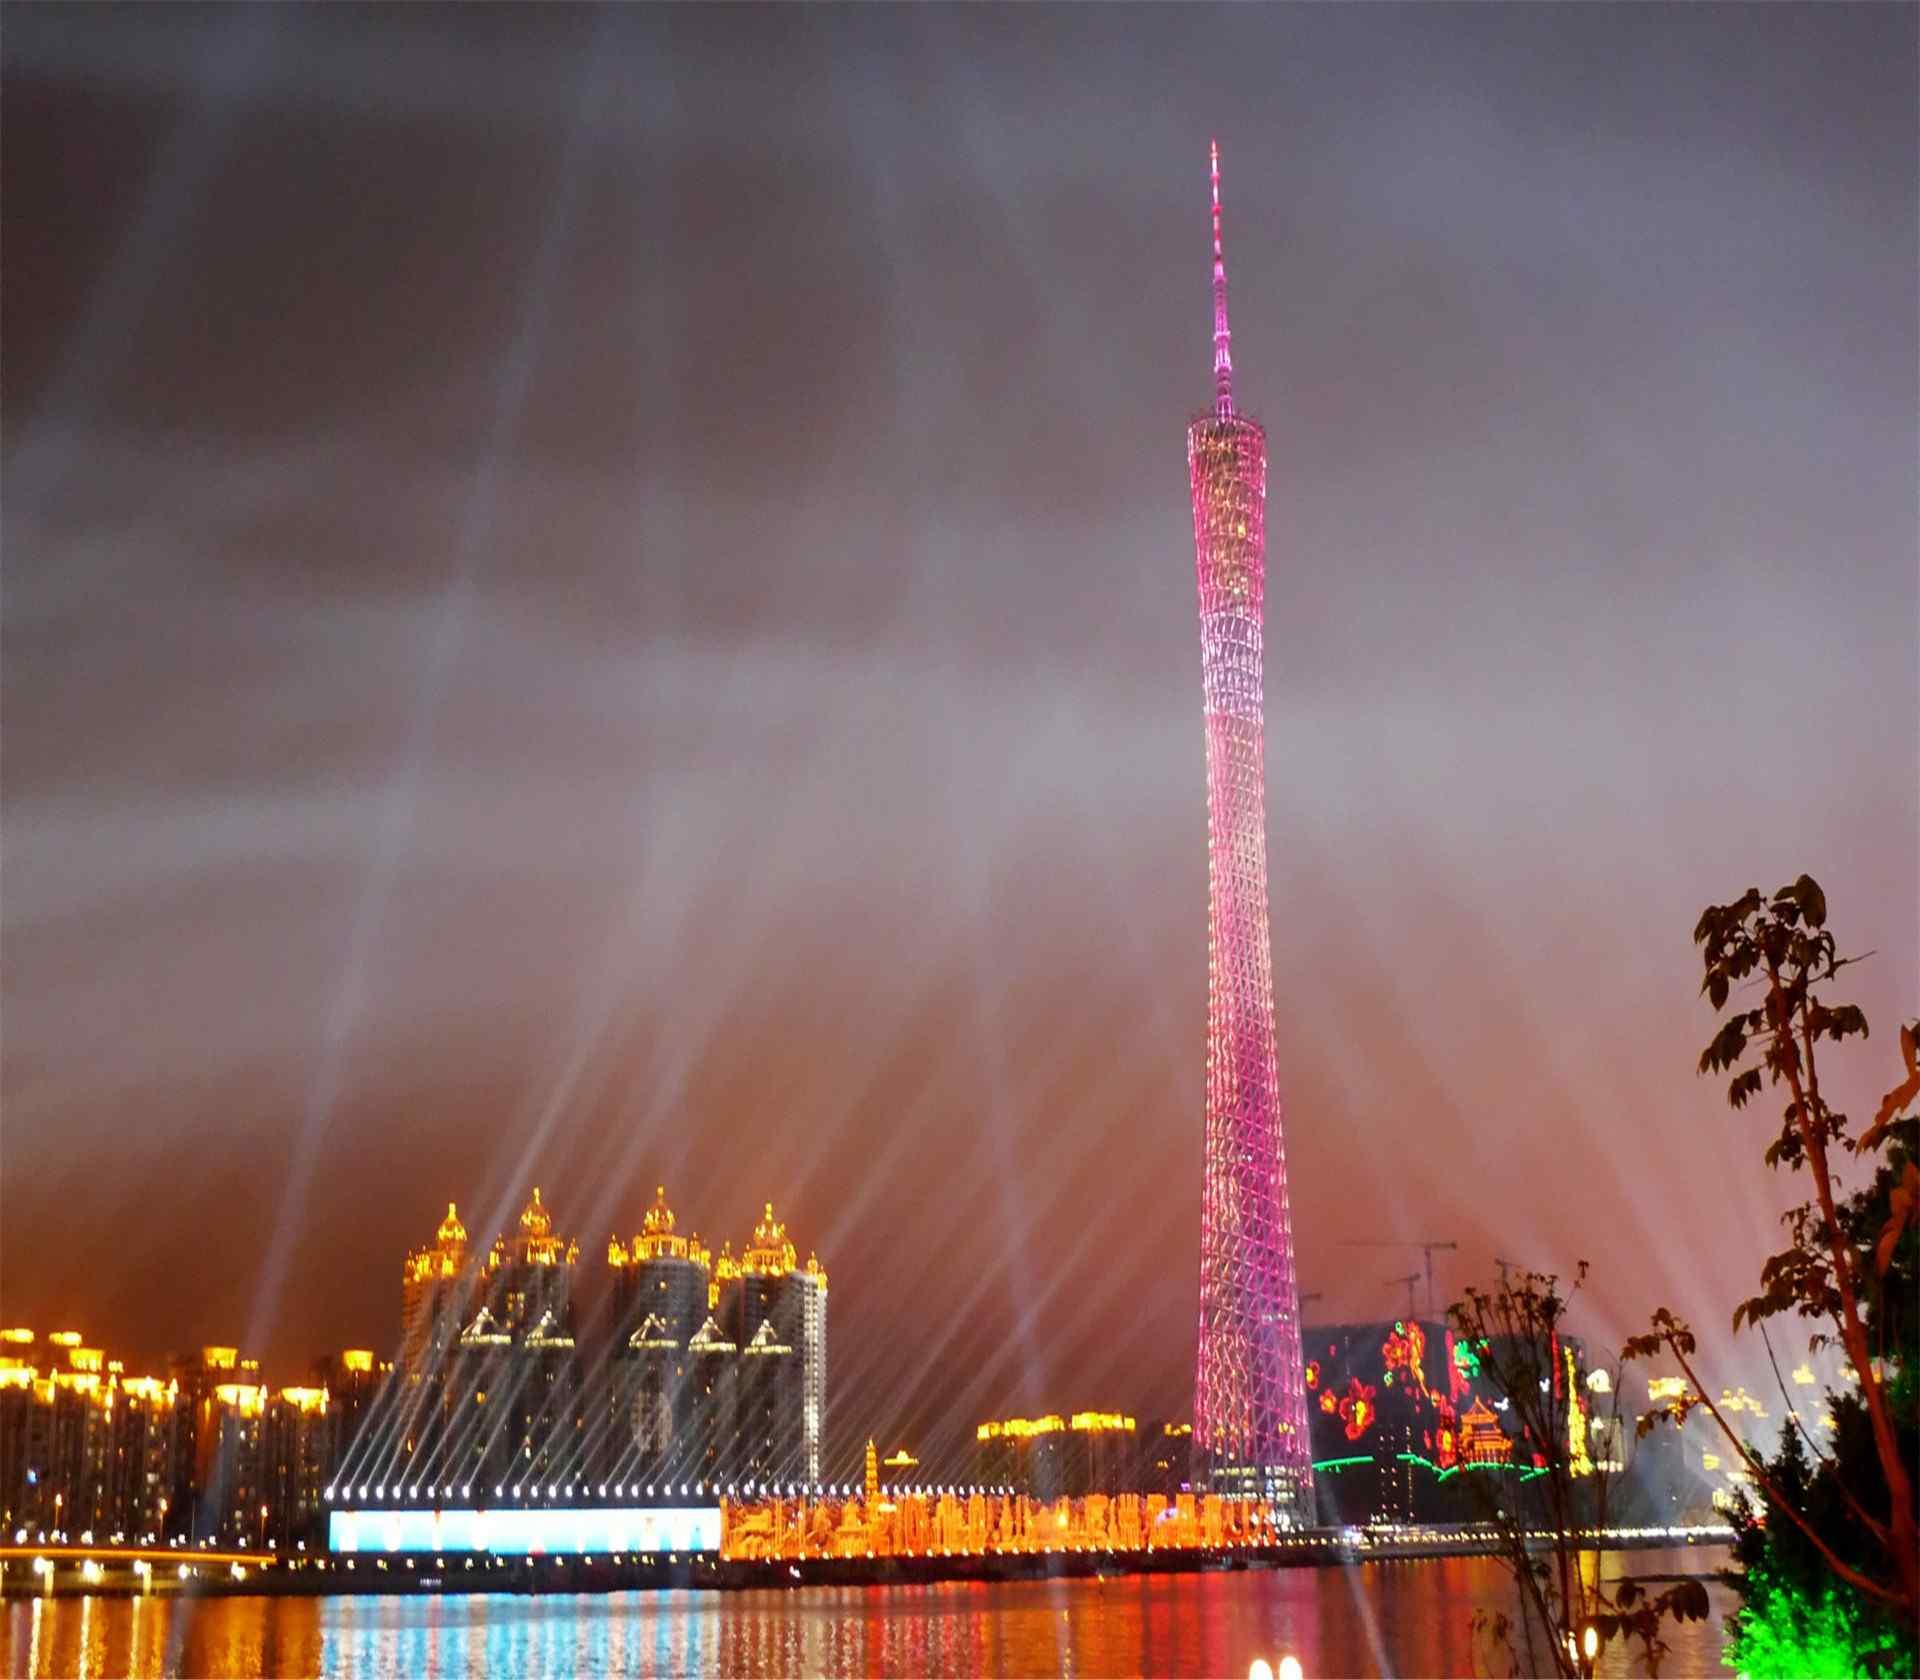 广州塔小蛮腰夜景灯光五彩图片电脑桌面壁纸下载